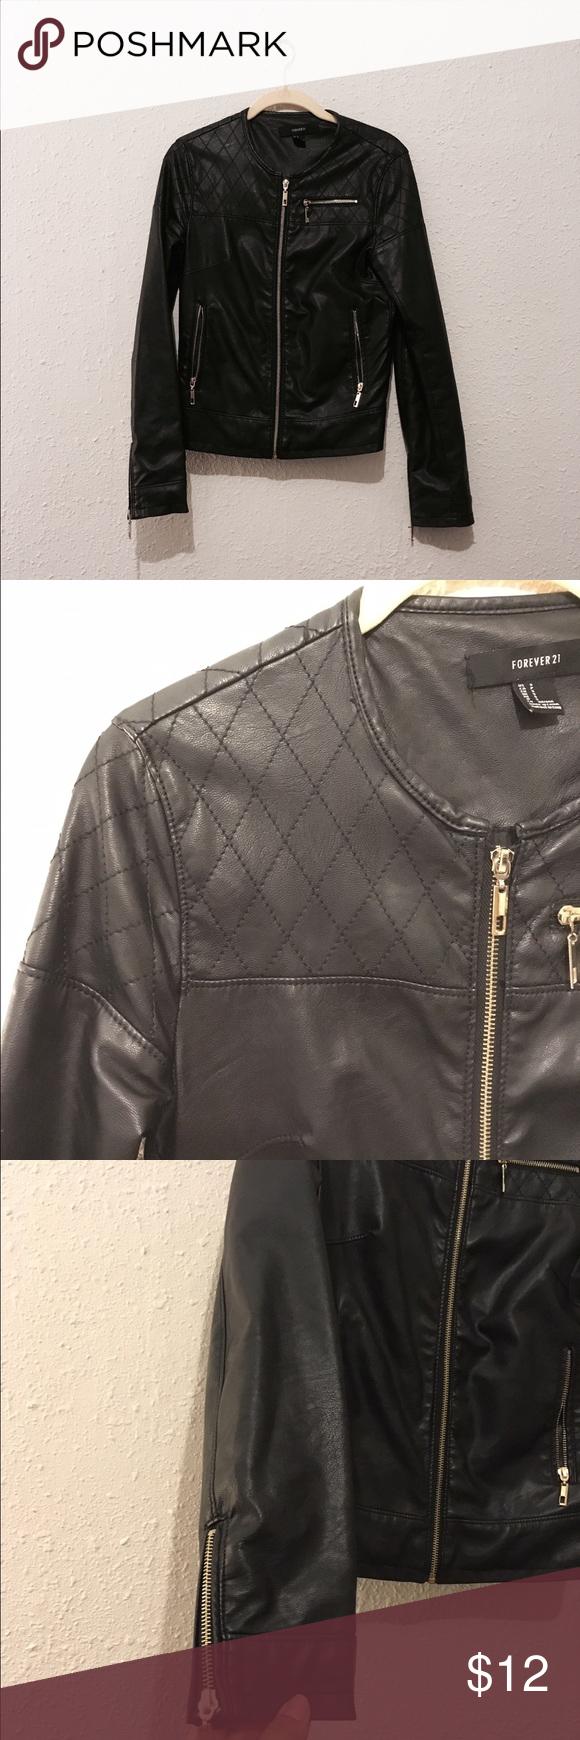 Leather jacket damage - Leather Jacket Forever 21 Moto Leather Jacket Little Outside Damage However The Sleeve Inseam Has